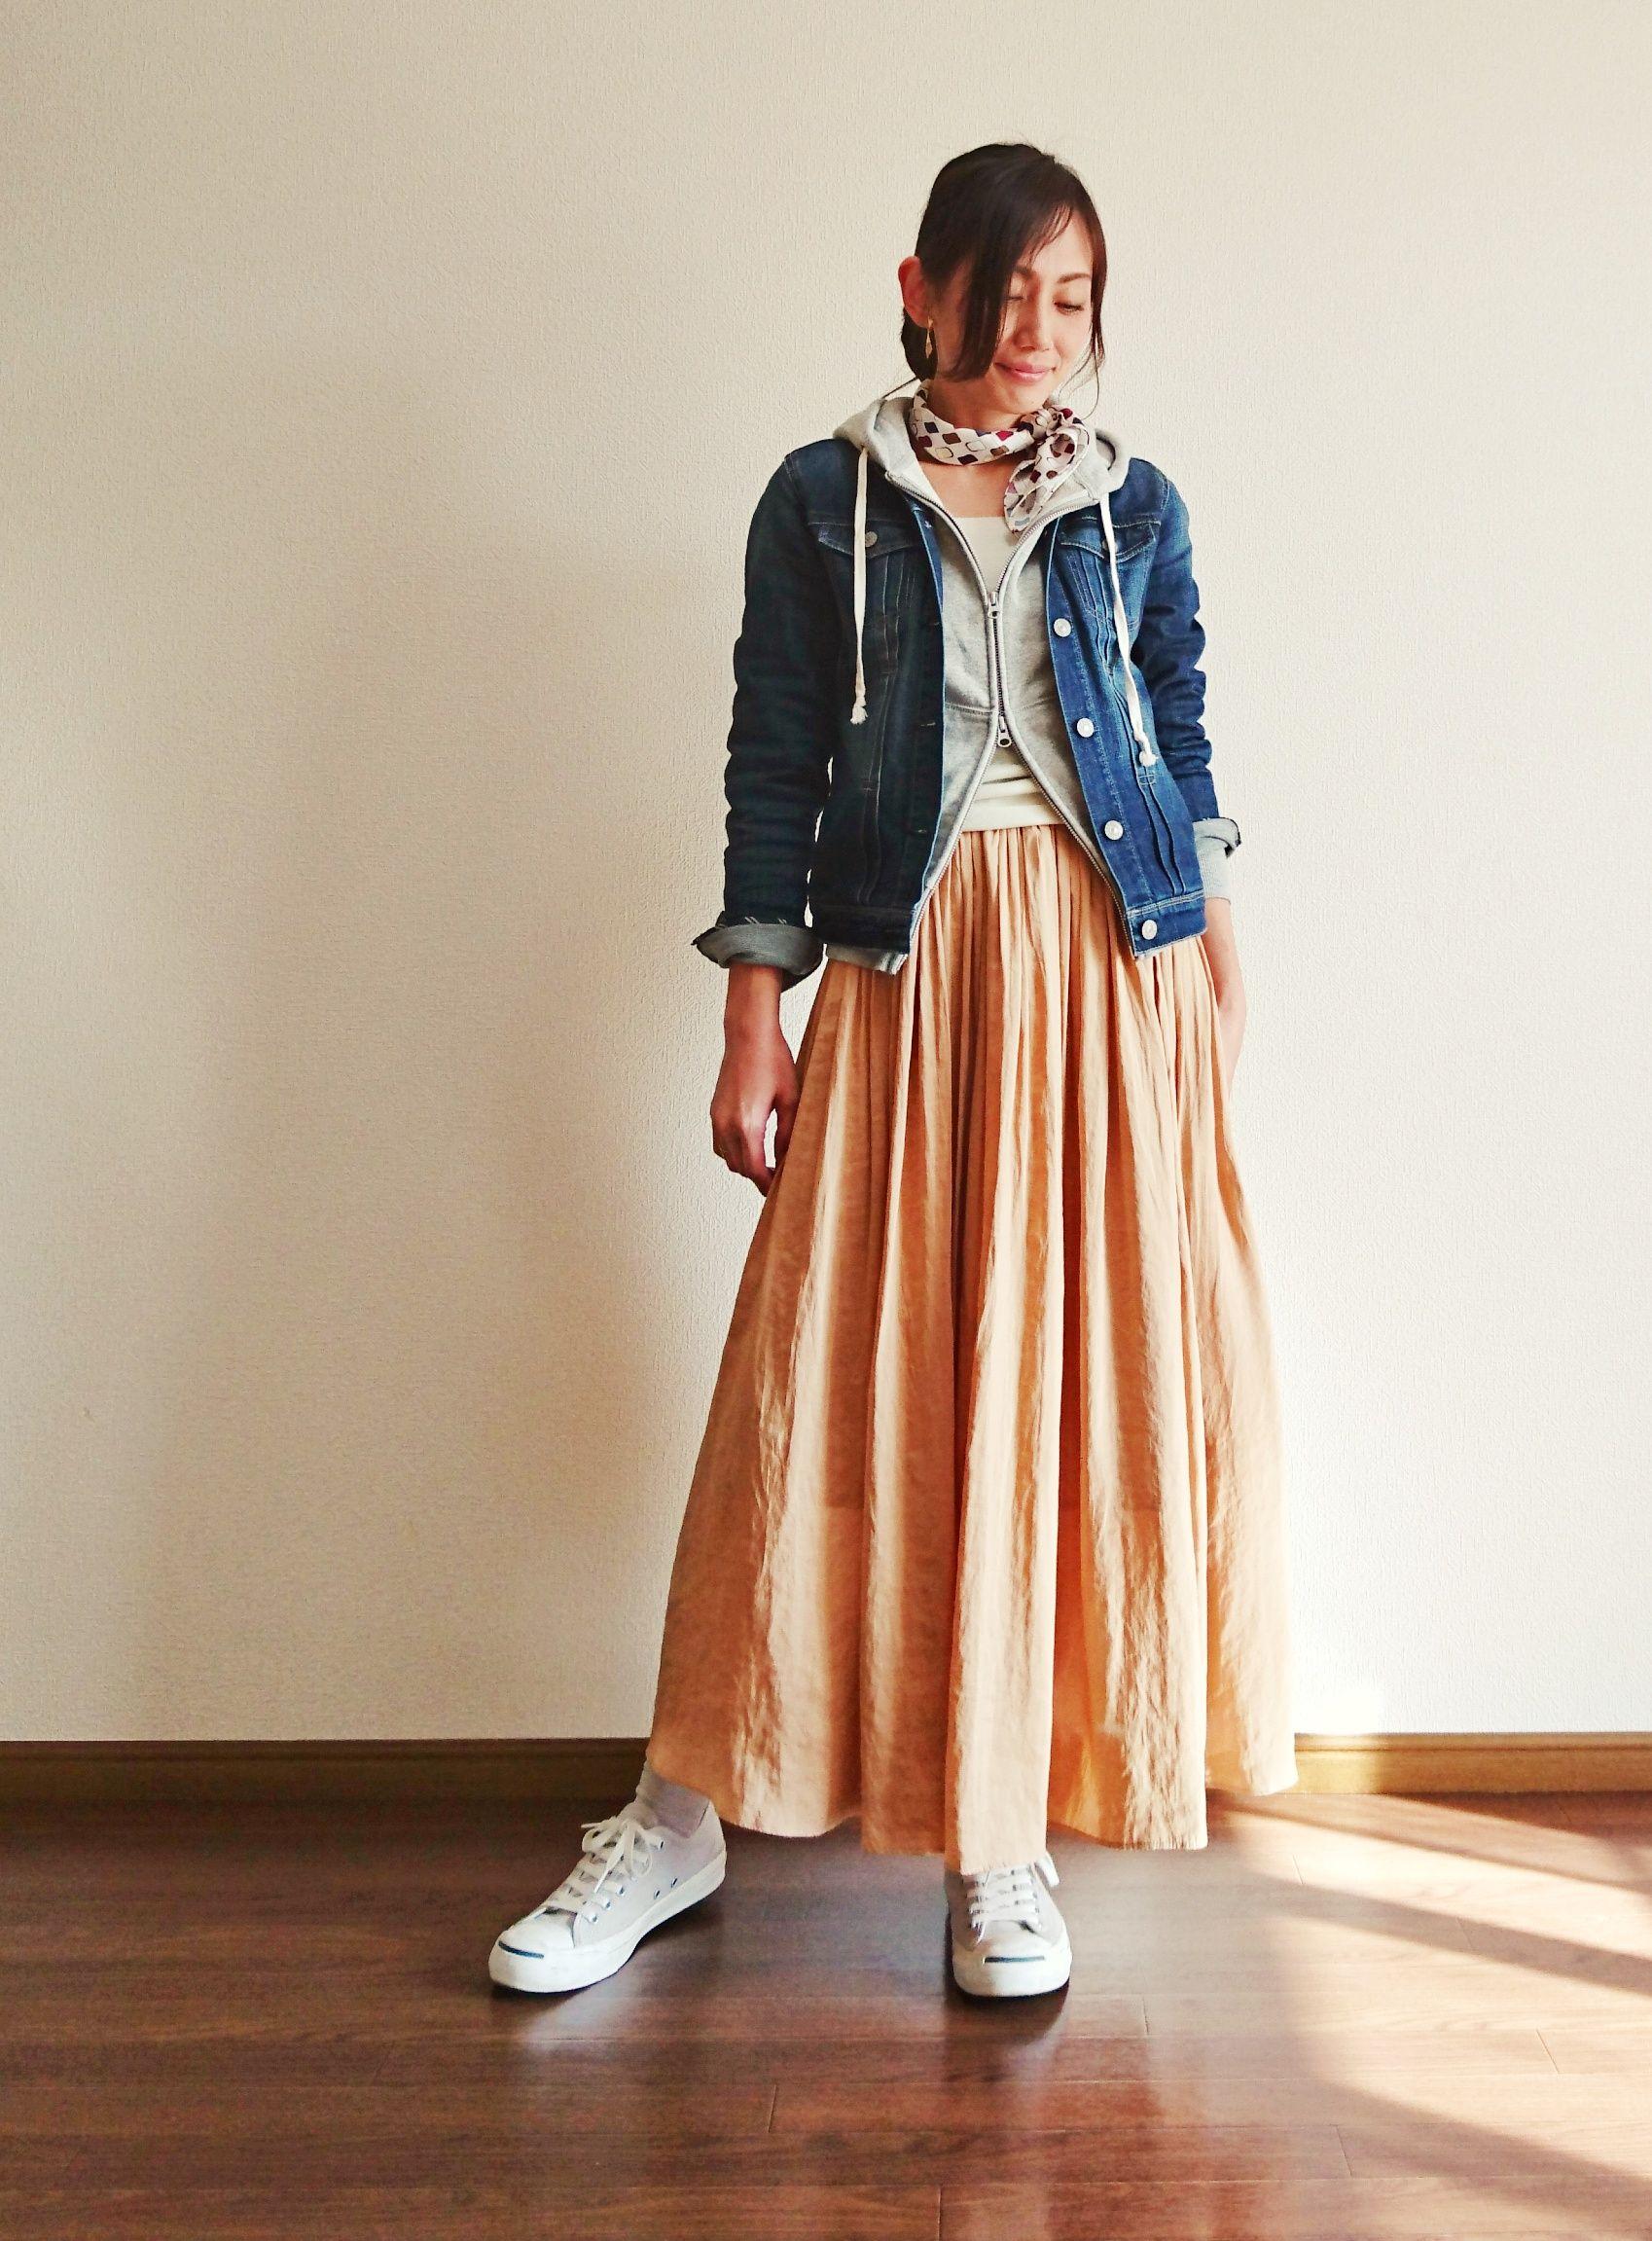 ピンクベージュのロングスカートで大人コーデ ファッションコーデ ロングスカート ピンクベージュ